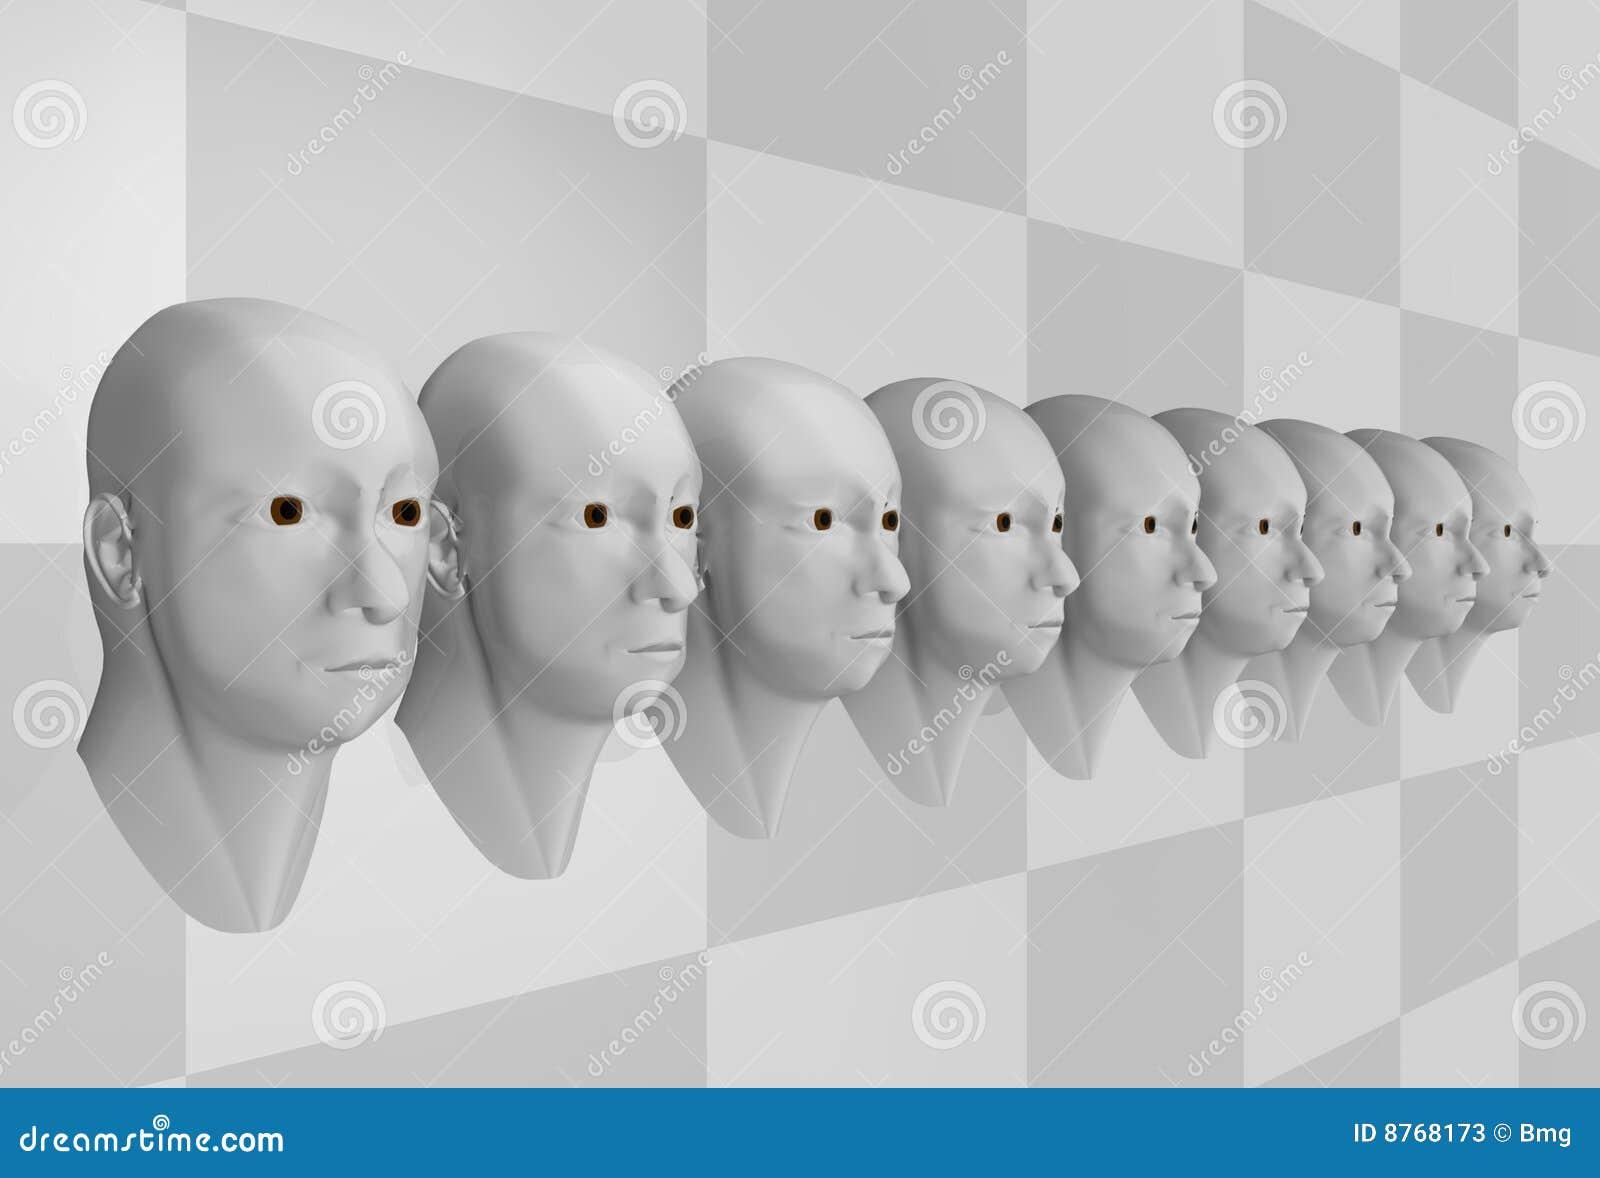 Surreal portrait of men